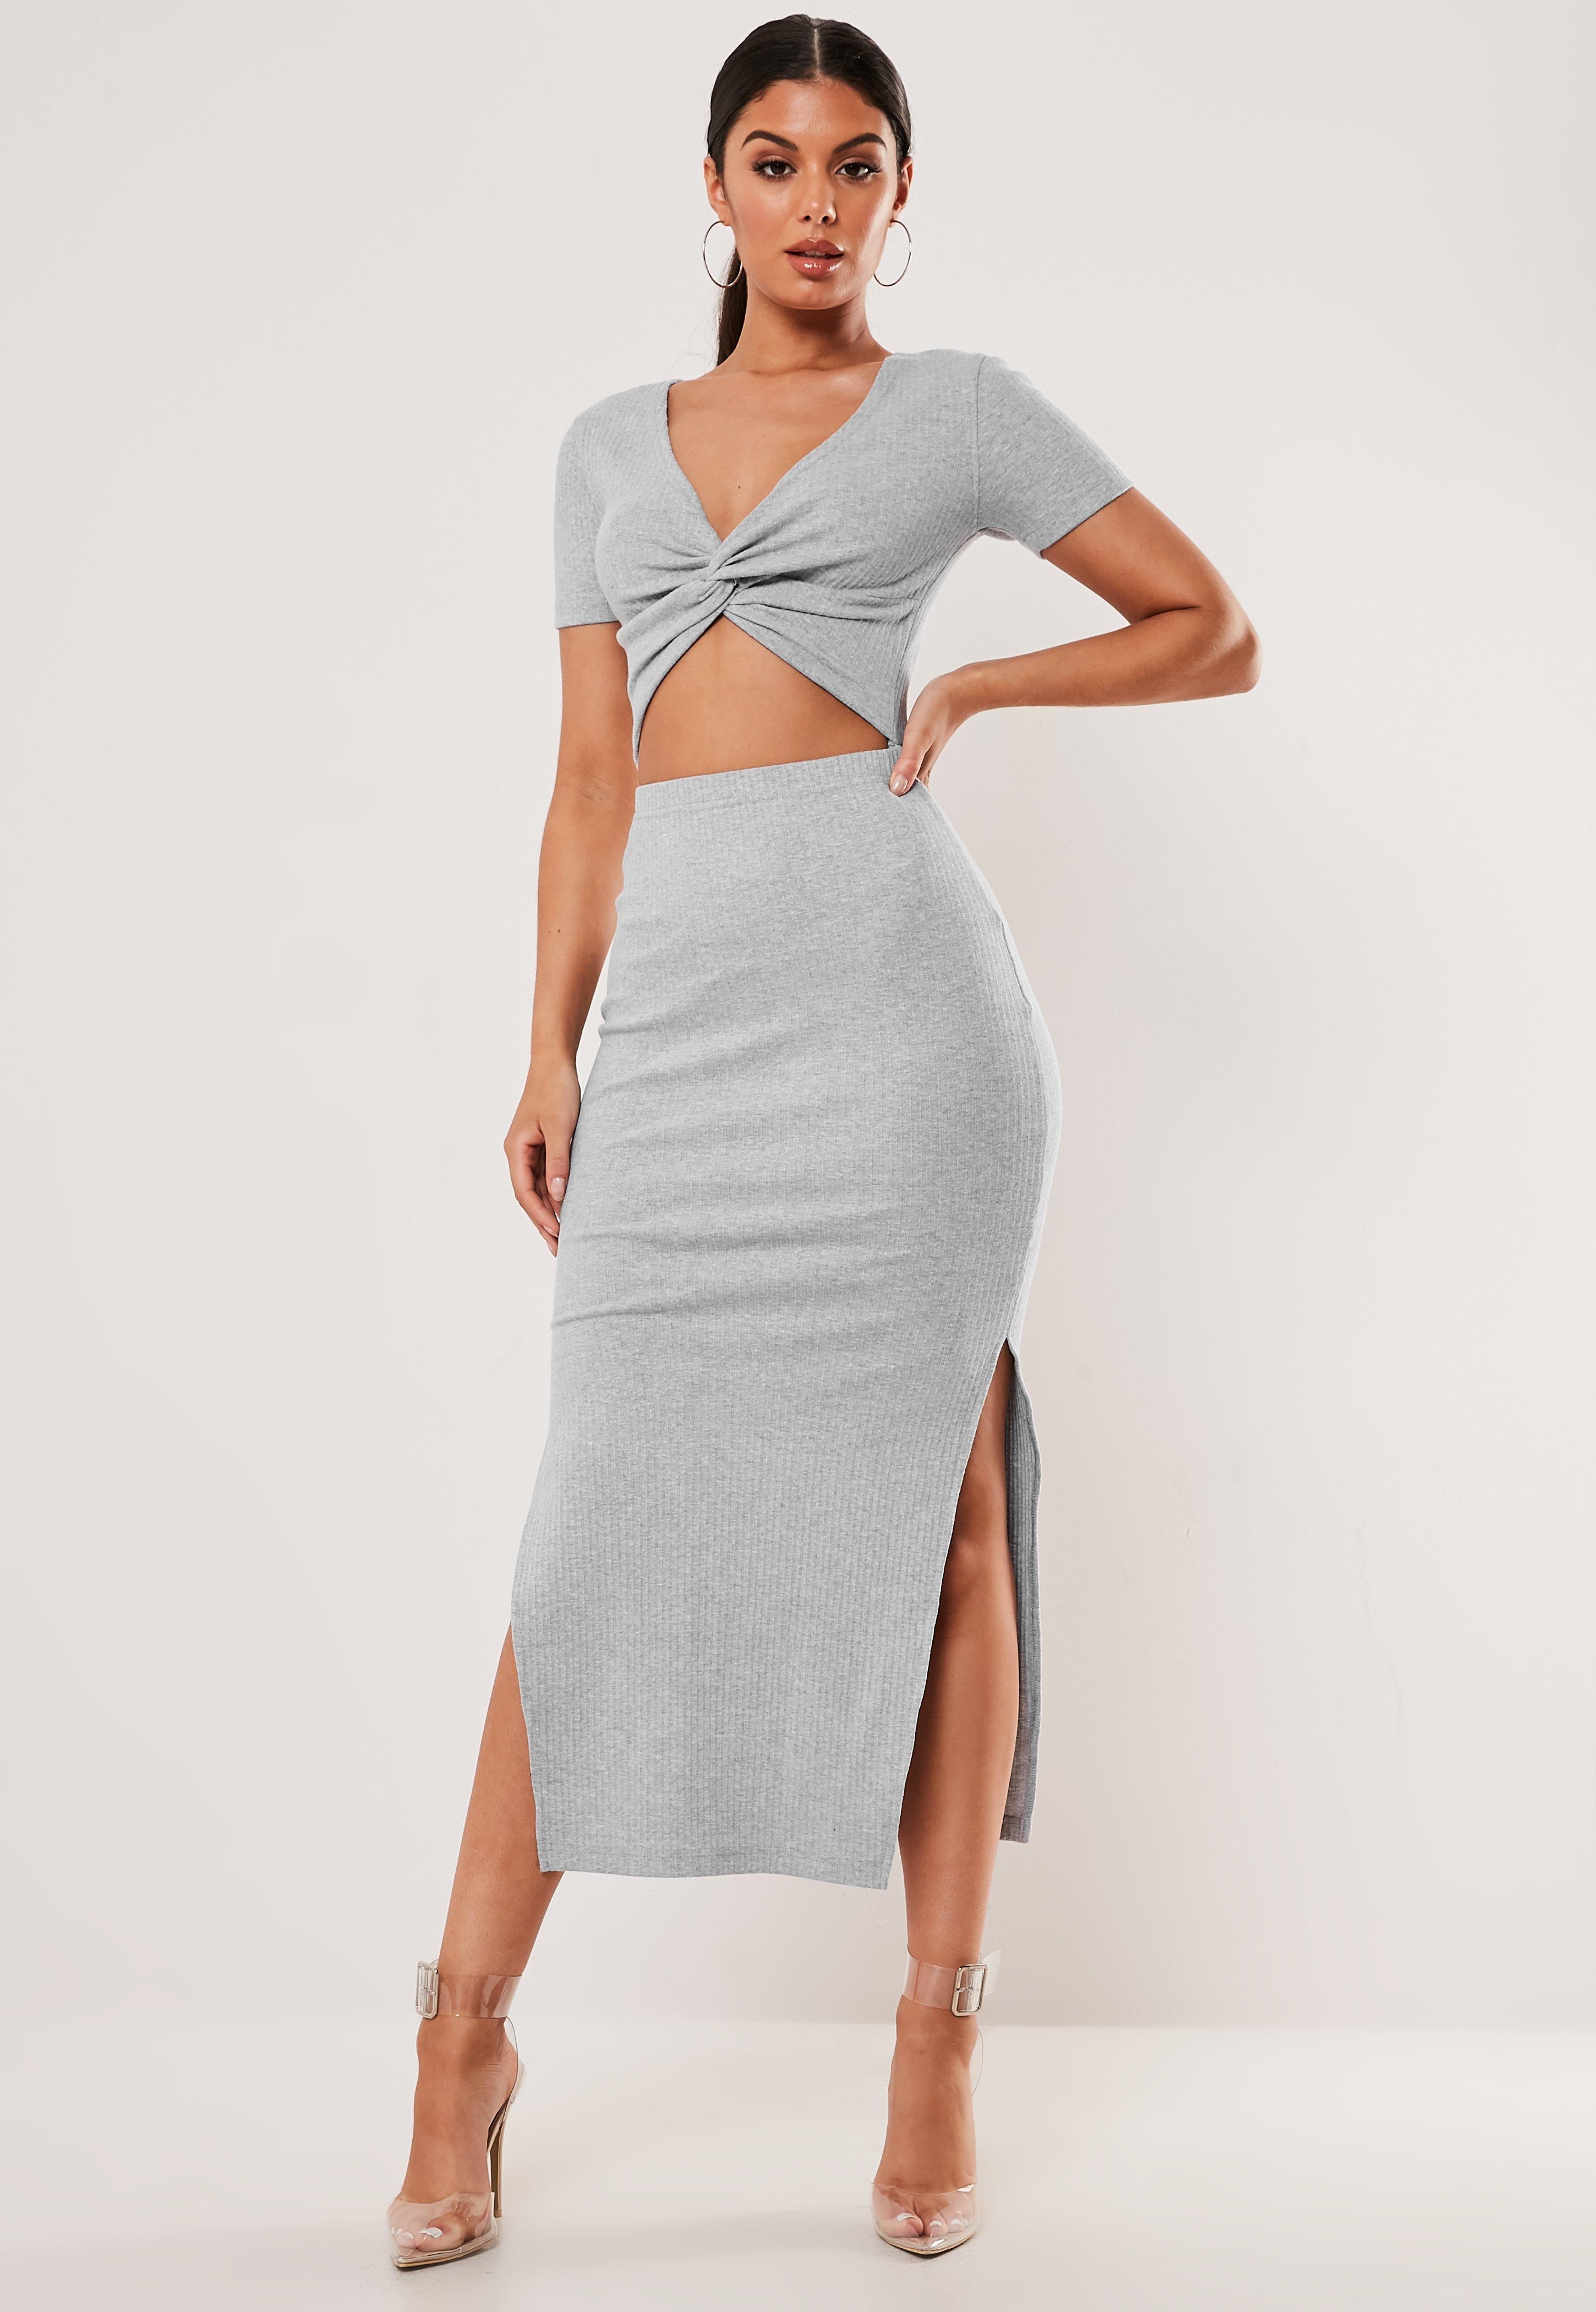 b9543f8b9 Cut Out Dresses | Shop Cutaway Dresses - Missguided